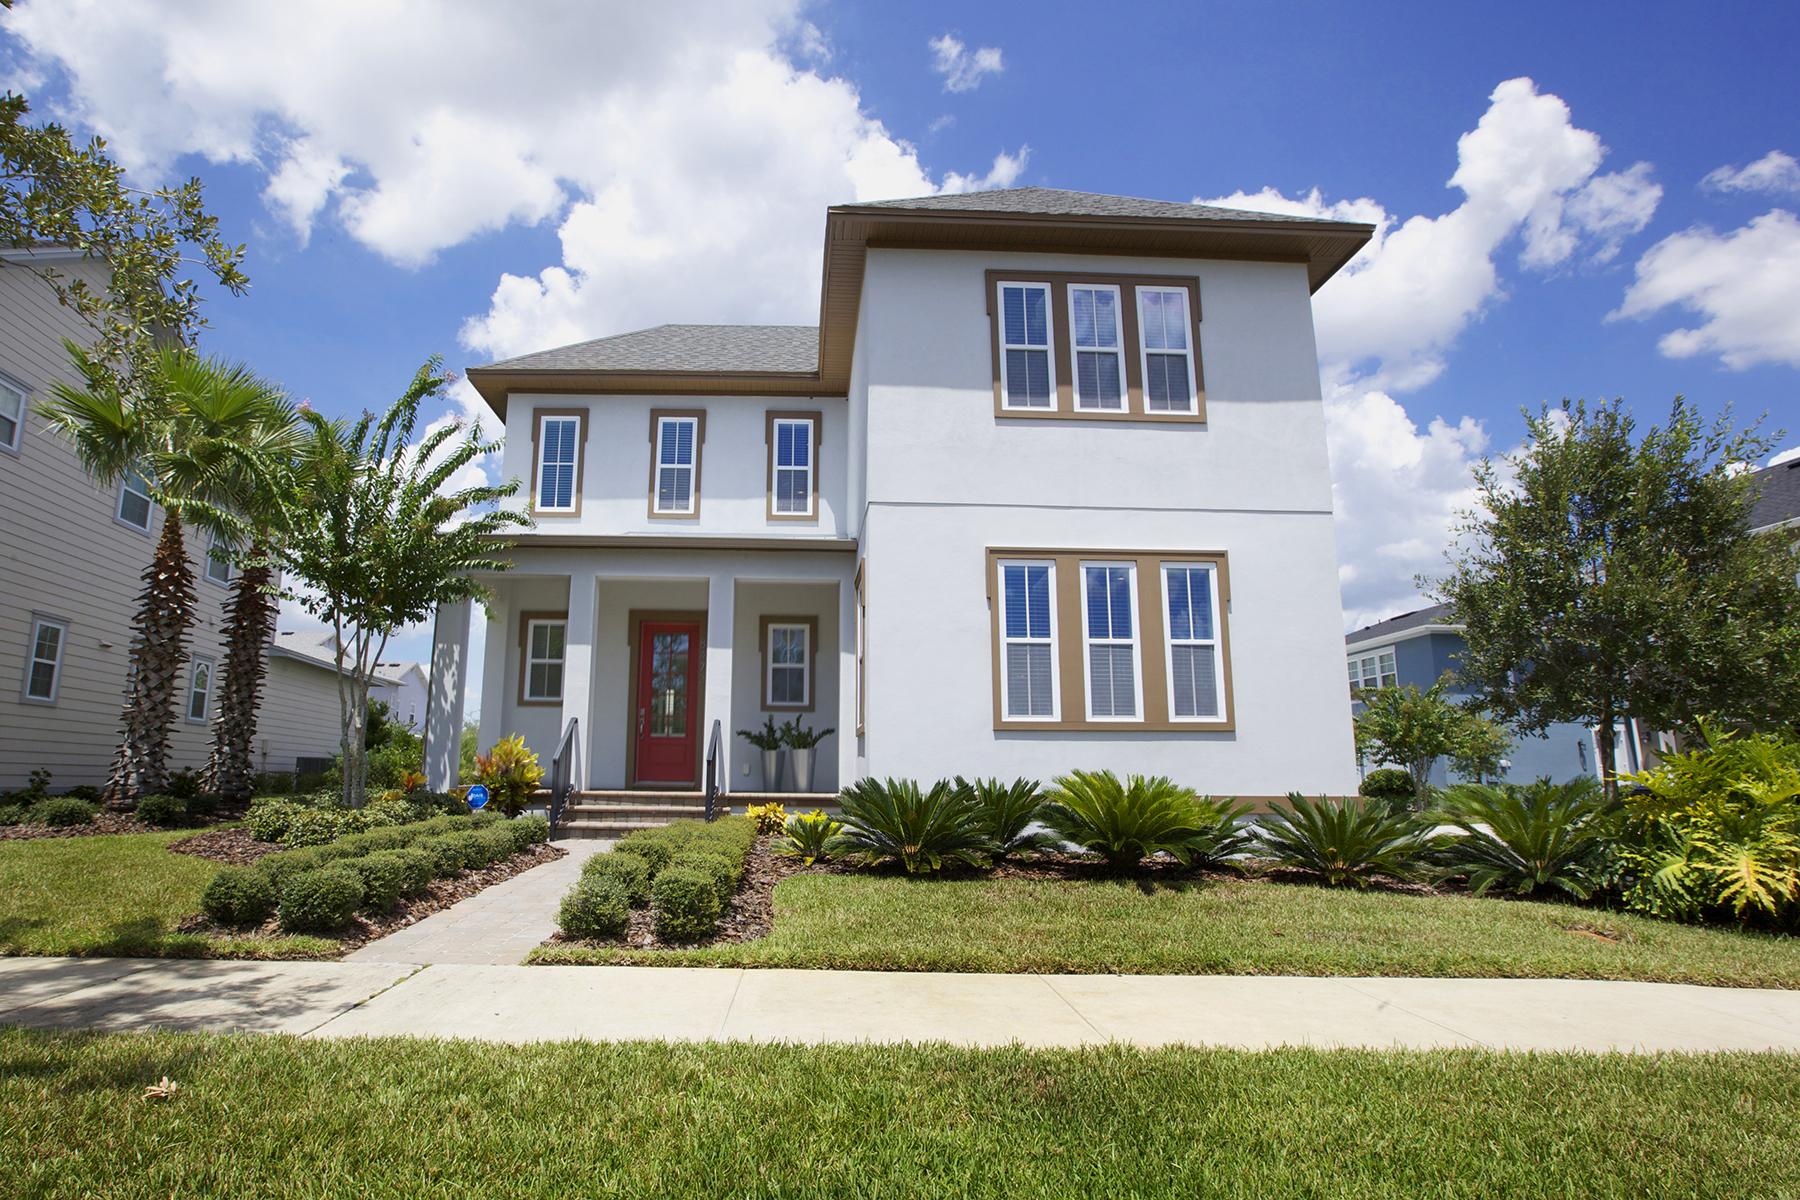 独户住宅 为 销售 在 ORLANDO 8473 Martinson St 奥兰多, 佛罗里达州, 32827 美国